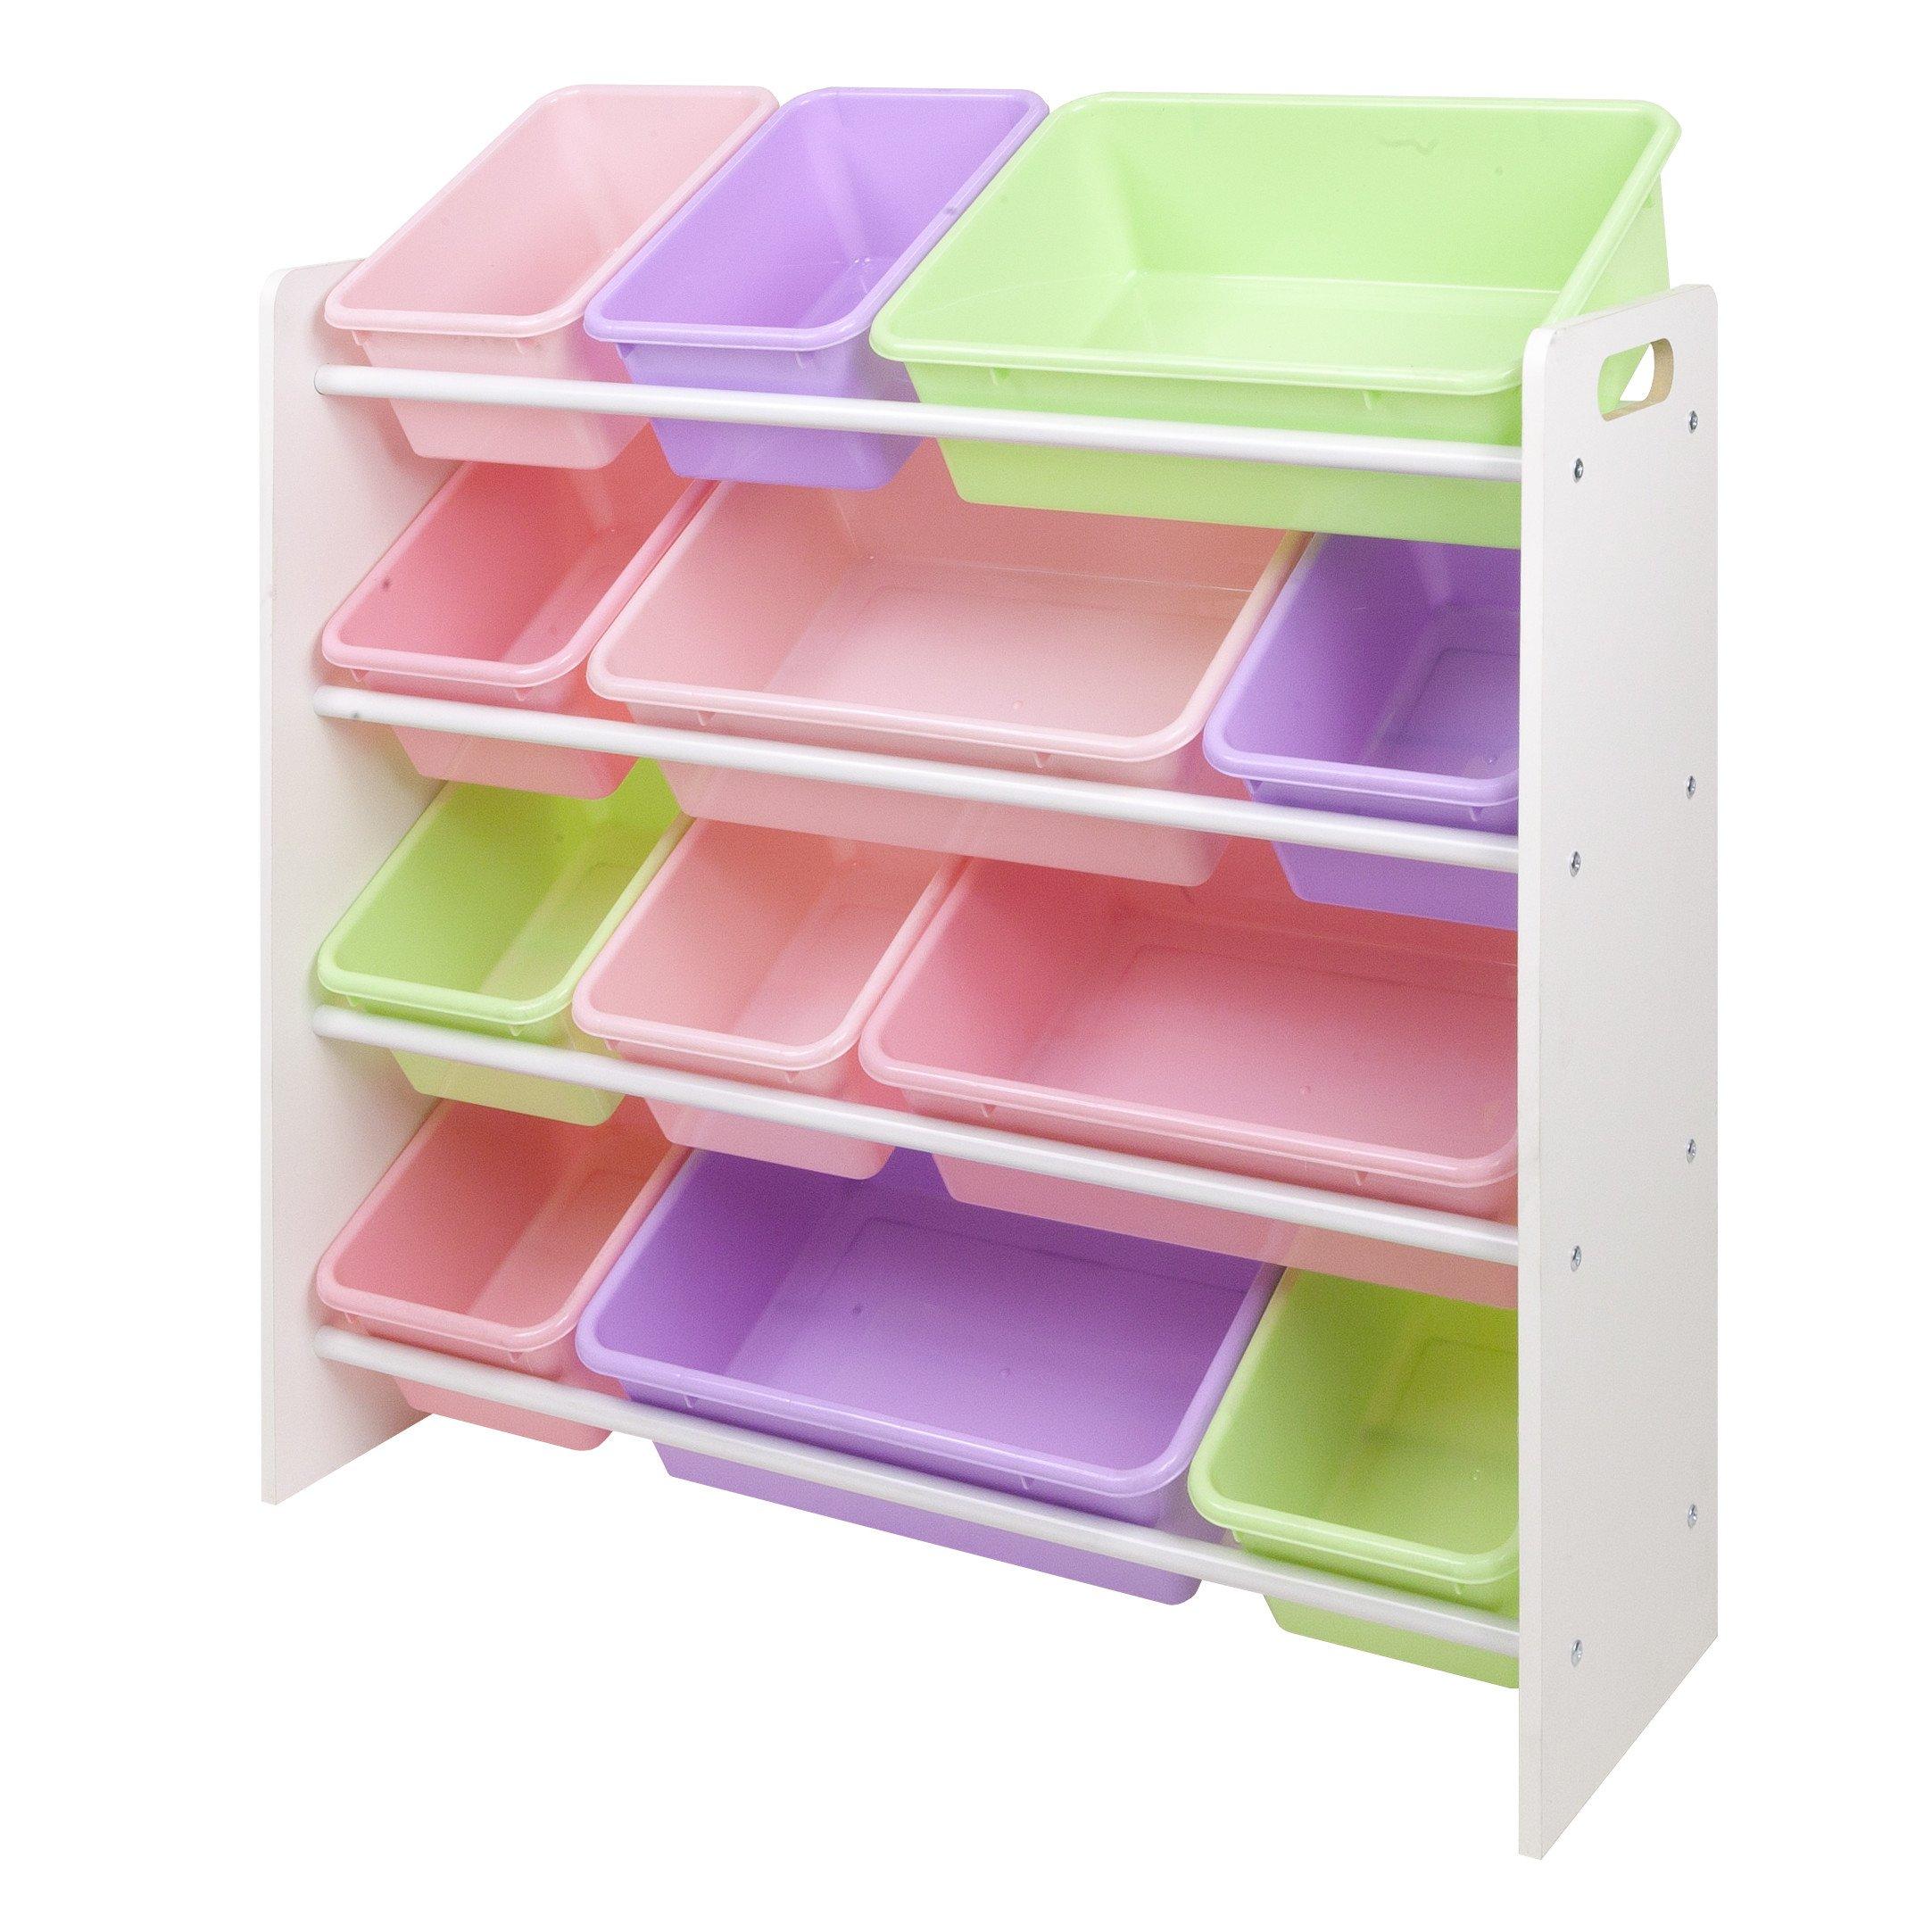 Kid Bin Toy Organizer, Kids Toy Storage (Pastel) by Sandusky